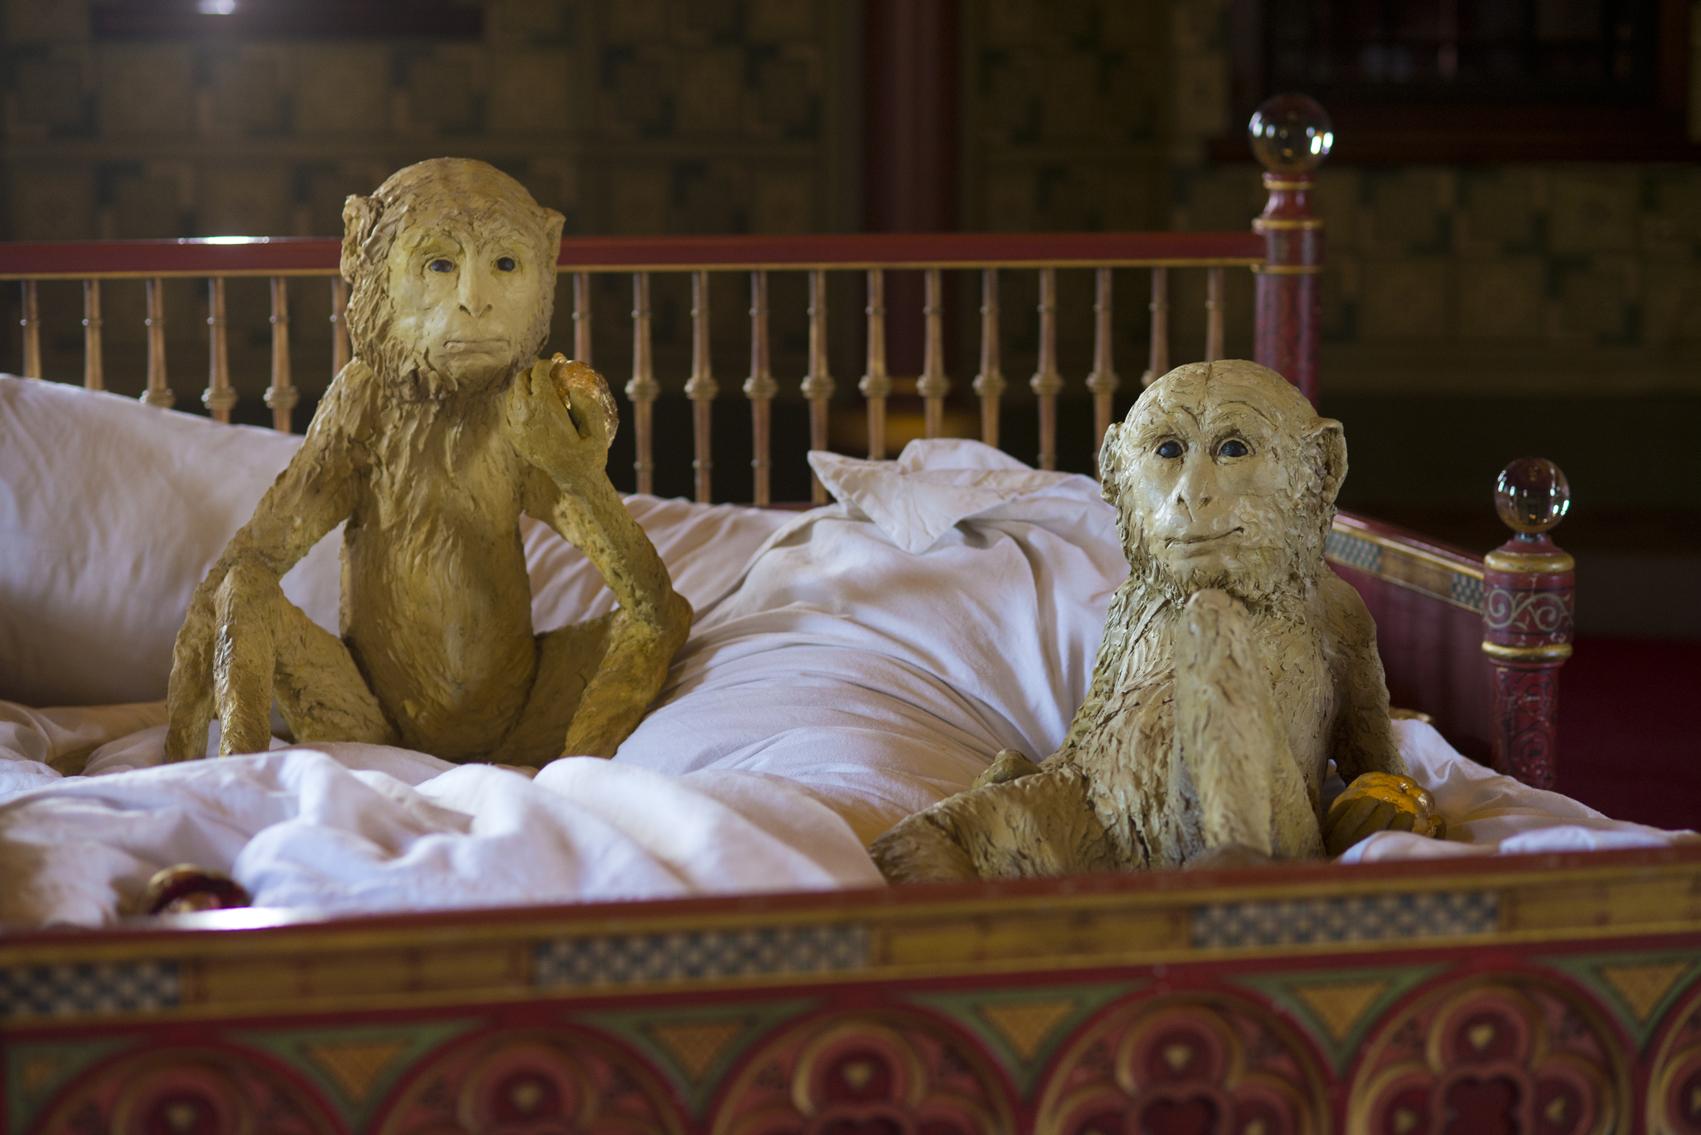 laura ford - squatter monkeys 1.jpg